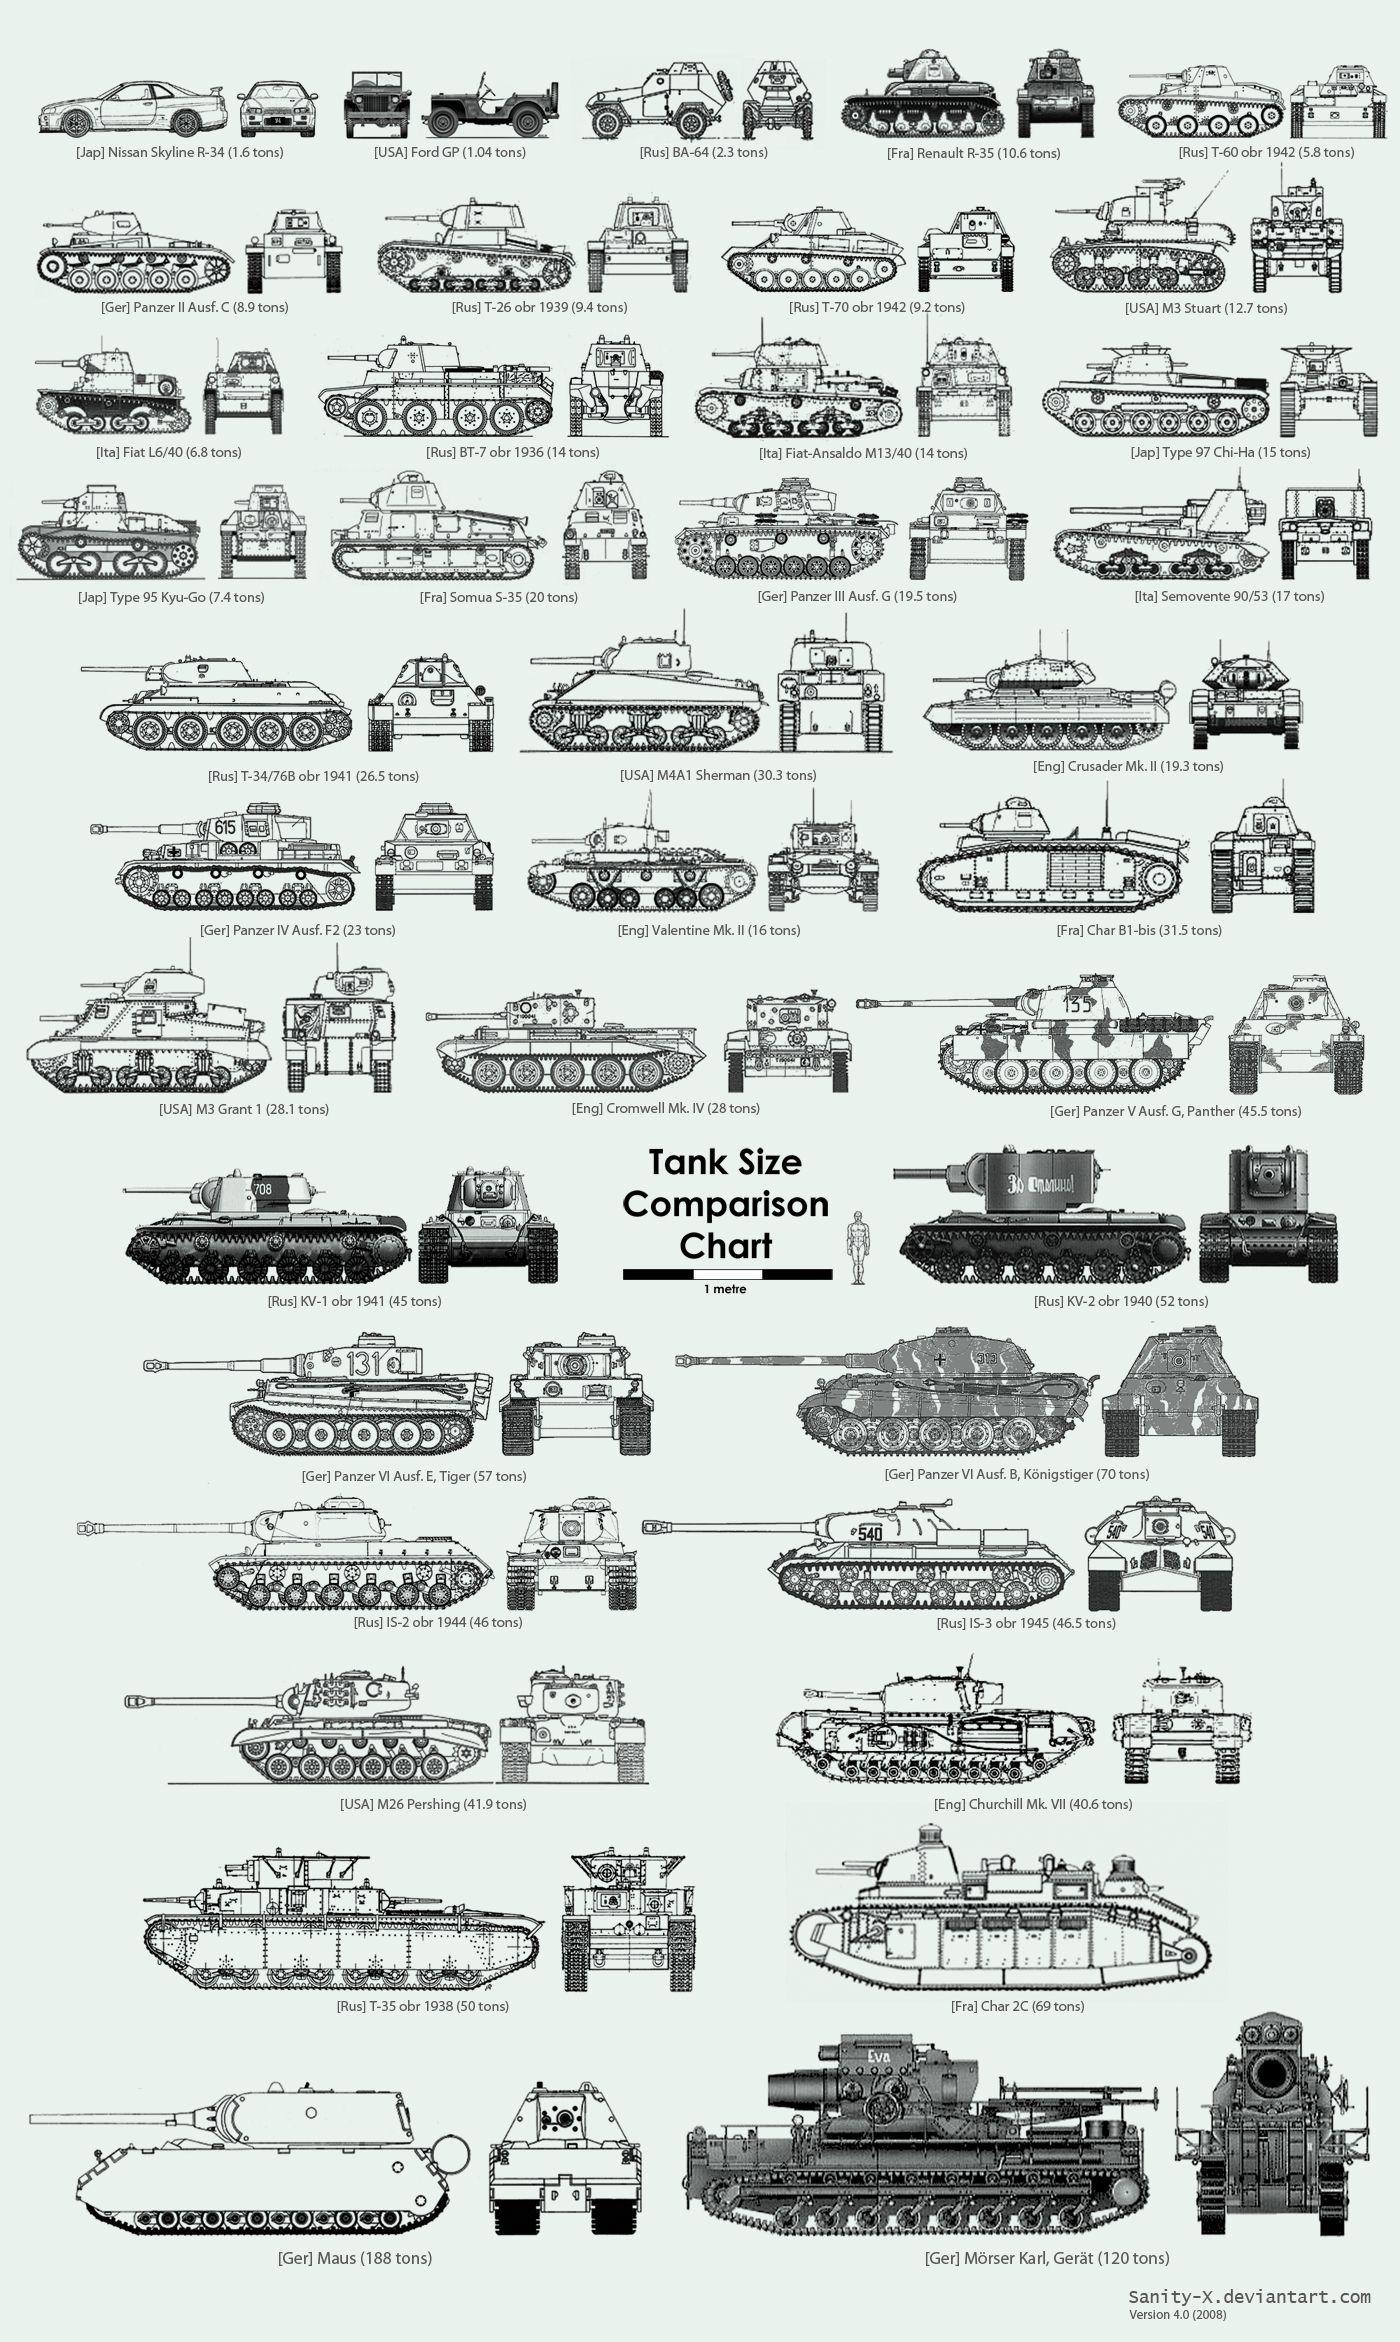 tank size comparison chart v2 armor ww2 ww2 tanks wwii